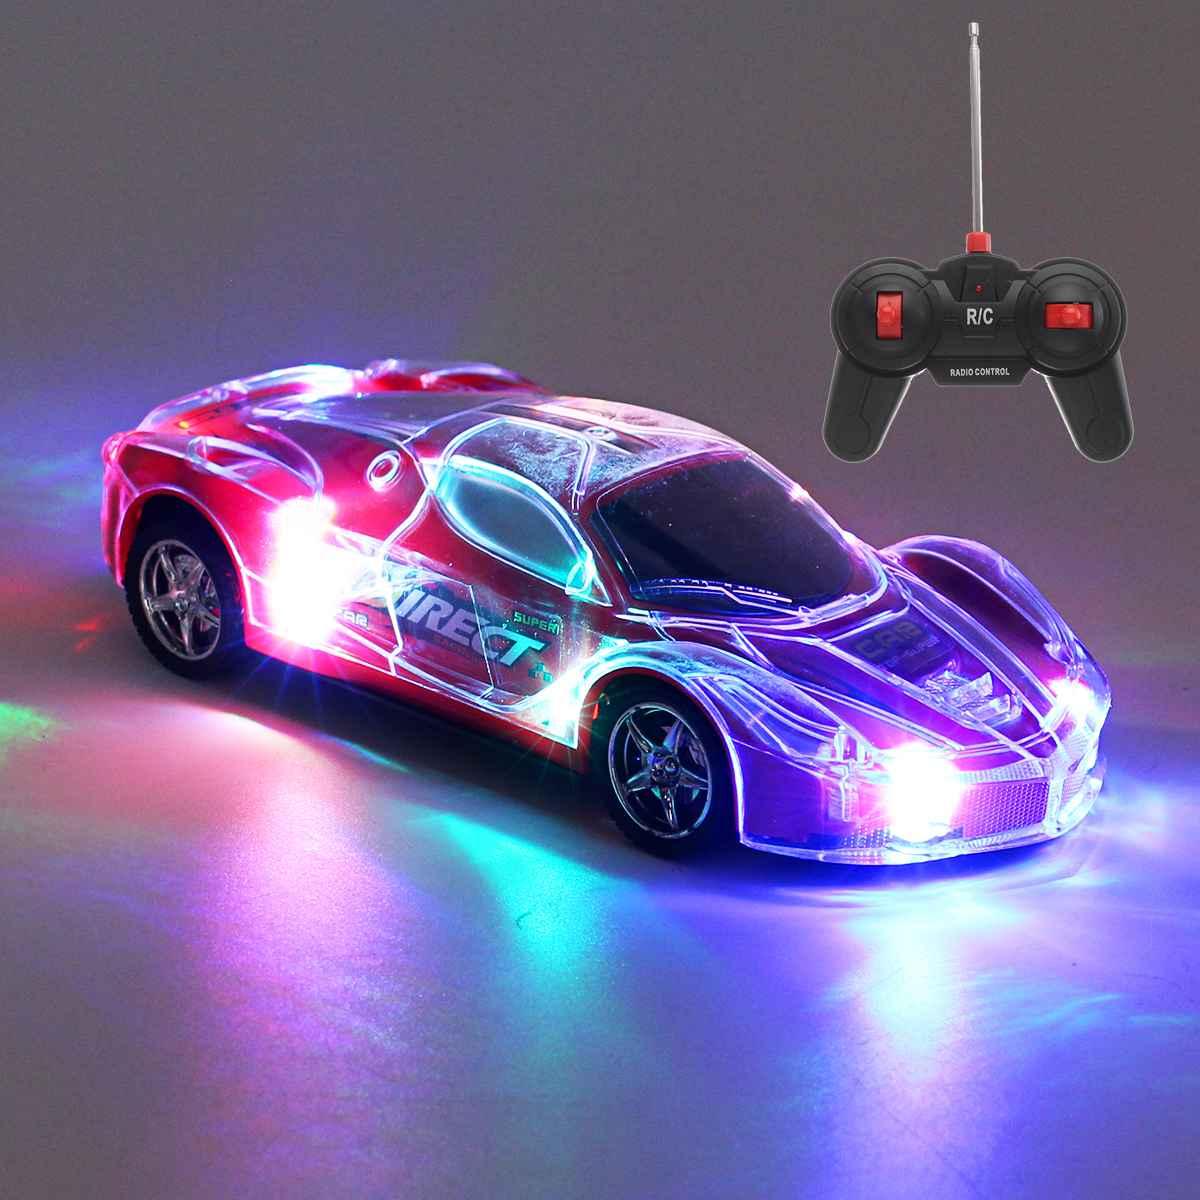 1/24 RC автомобиль с дистанционным управлением, скоростной гоночный автомобиль с 3D огнями, АБС-пластик, RC автомобиль, игрушка, дети, день рожден...